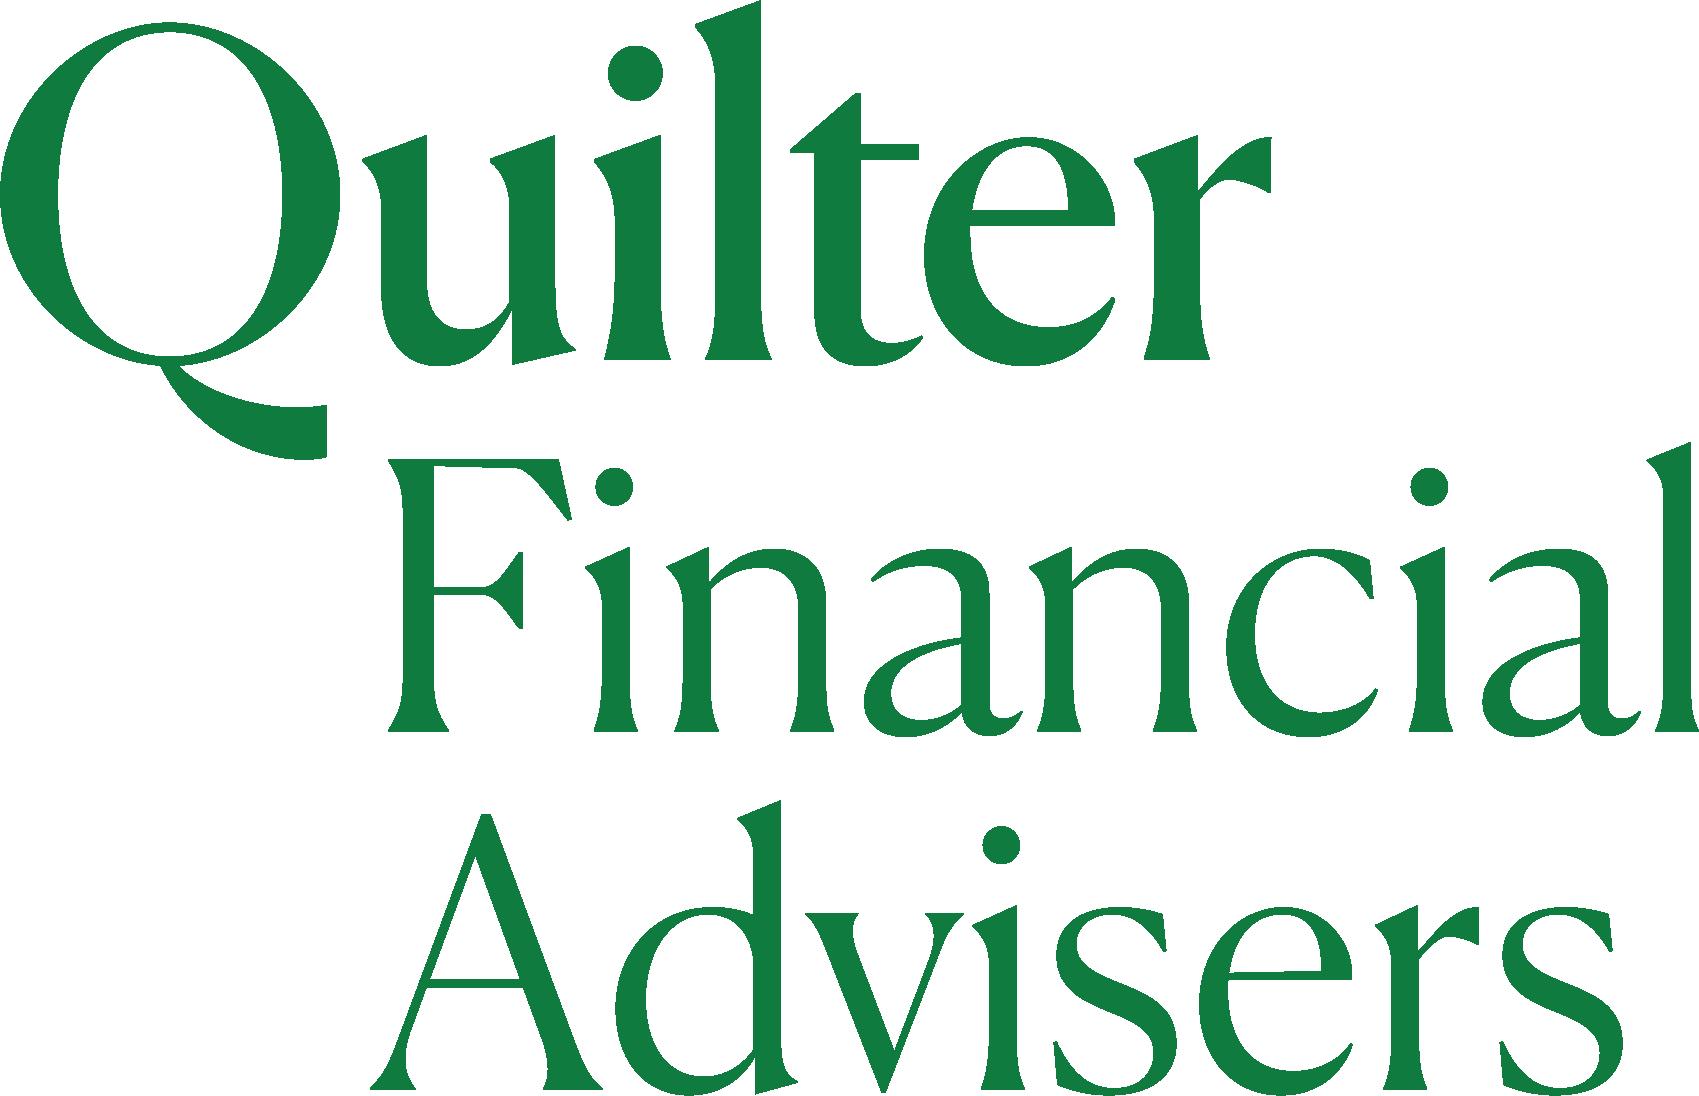 Quilter PLC